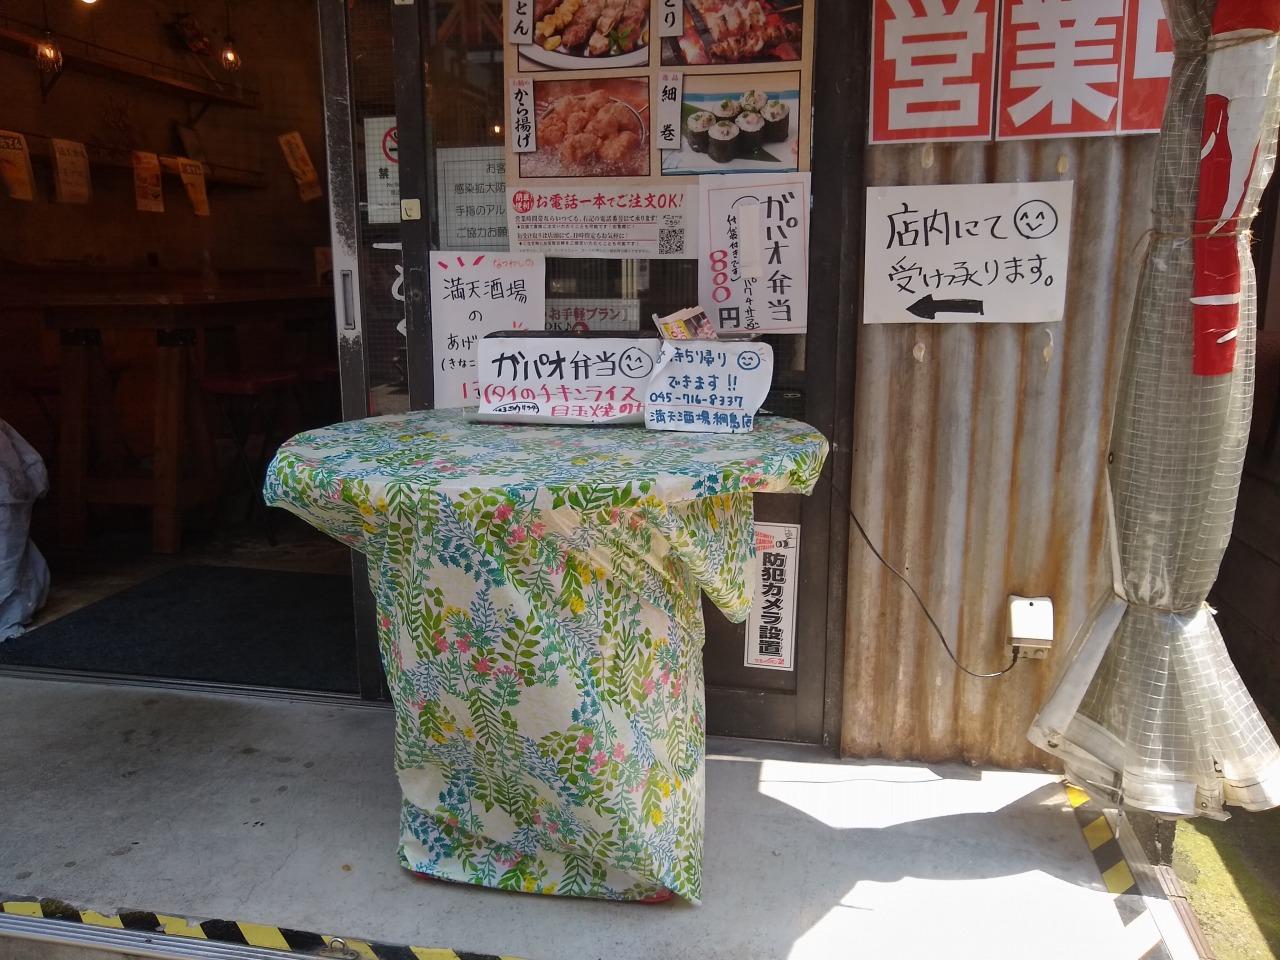 満点酒場綱島店のガパオ弁当テイクアウト